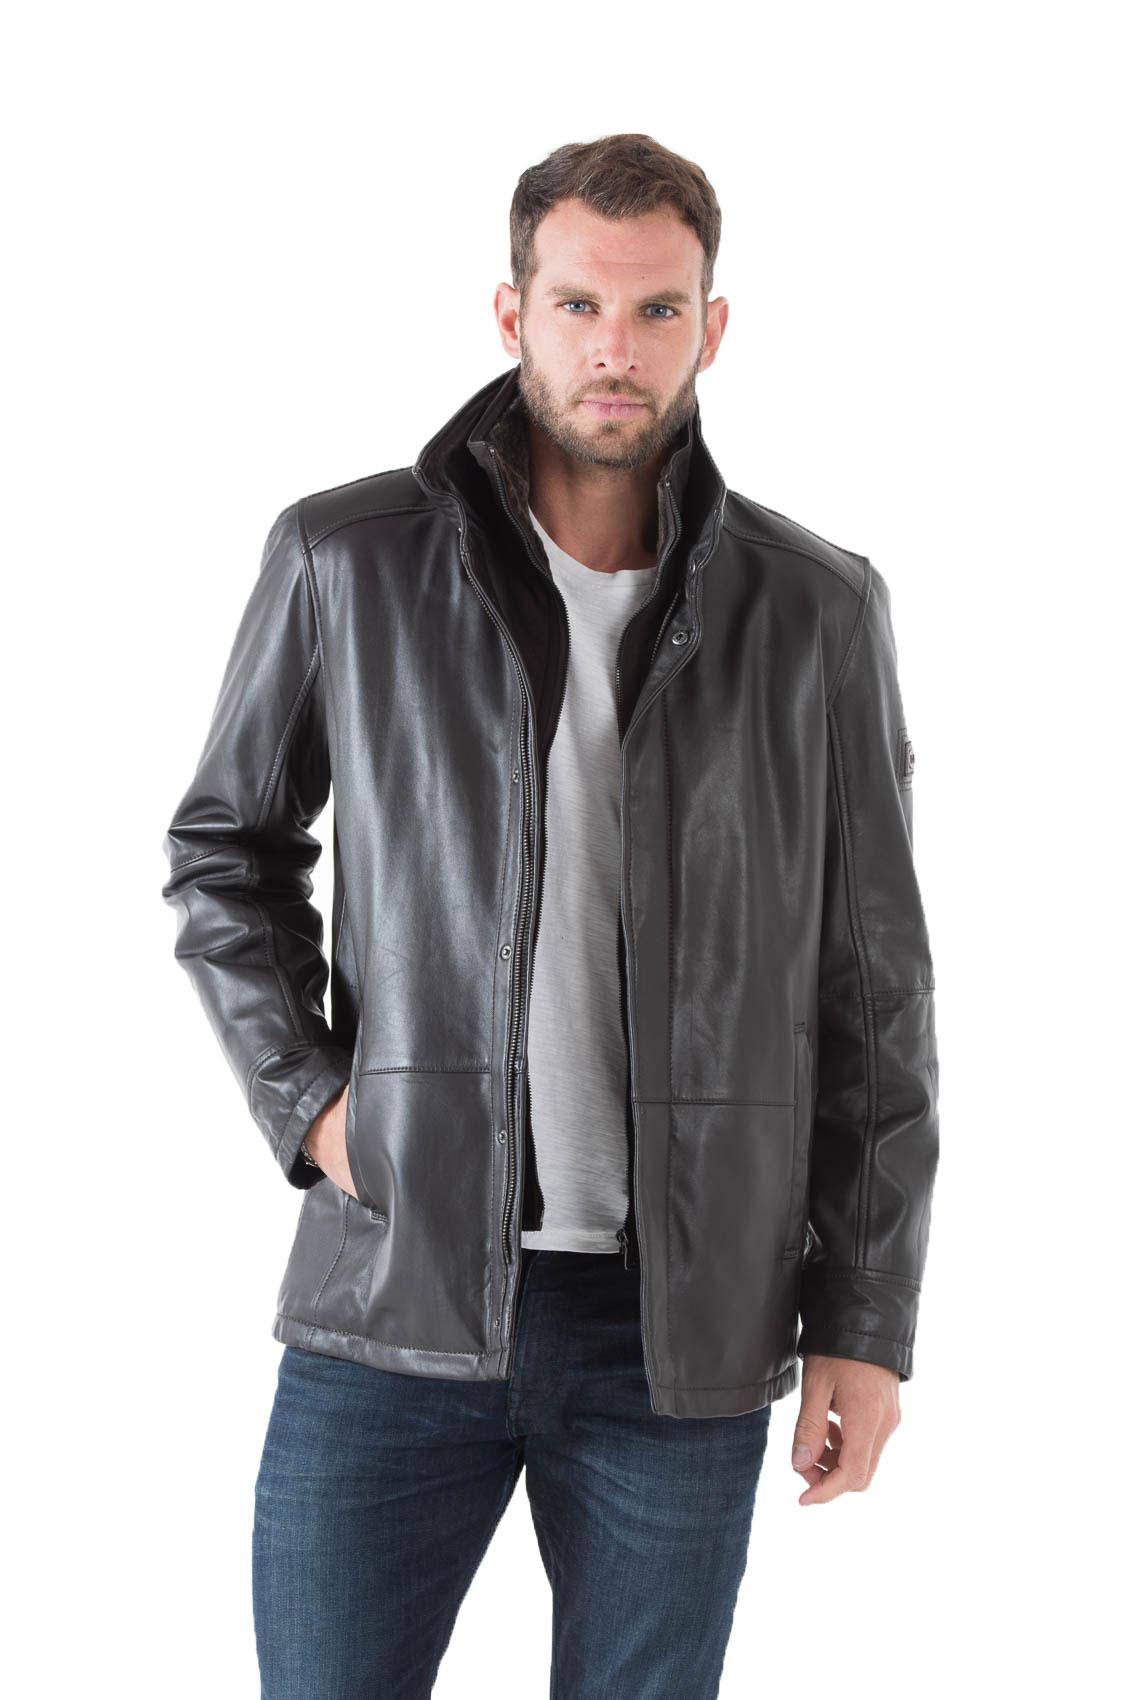 veste cuir en hiver les vestes la mode sont populaires partout dans le monde. Black Bedroom Furniture Sets. Home Design Ideas